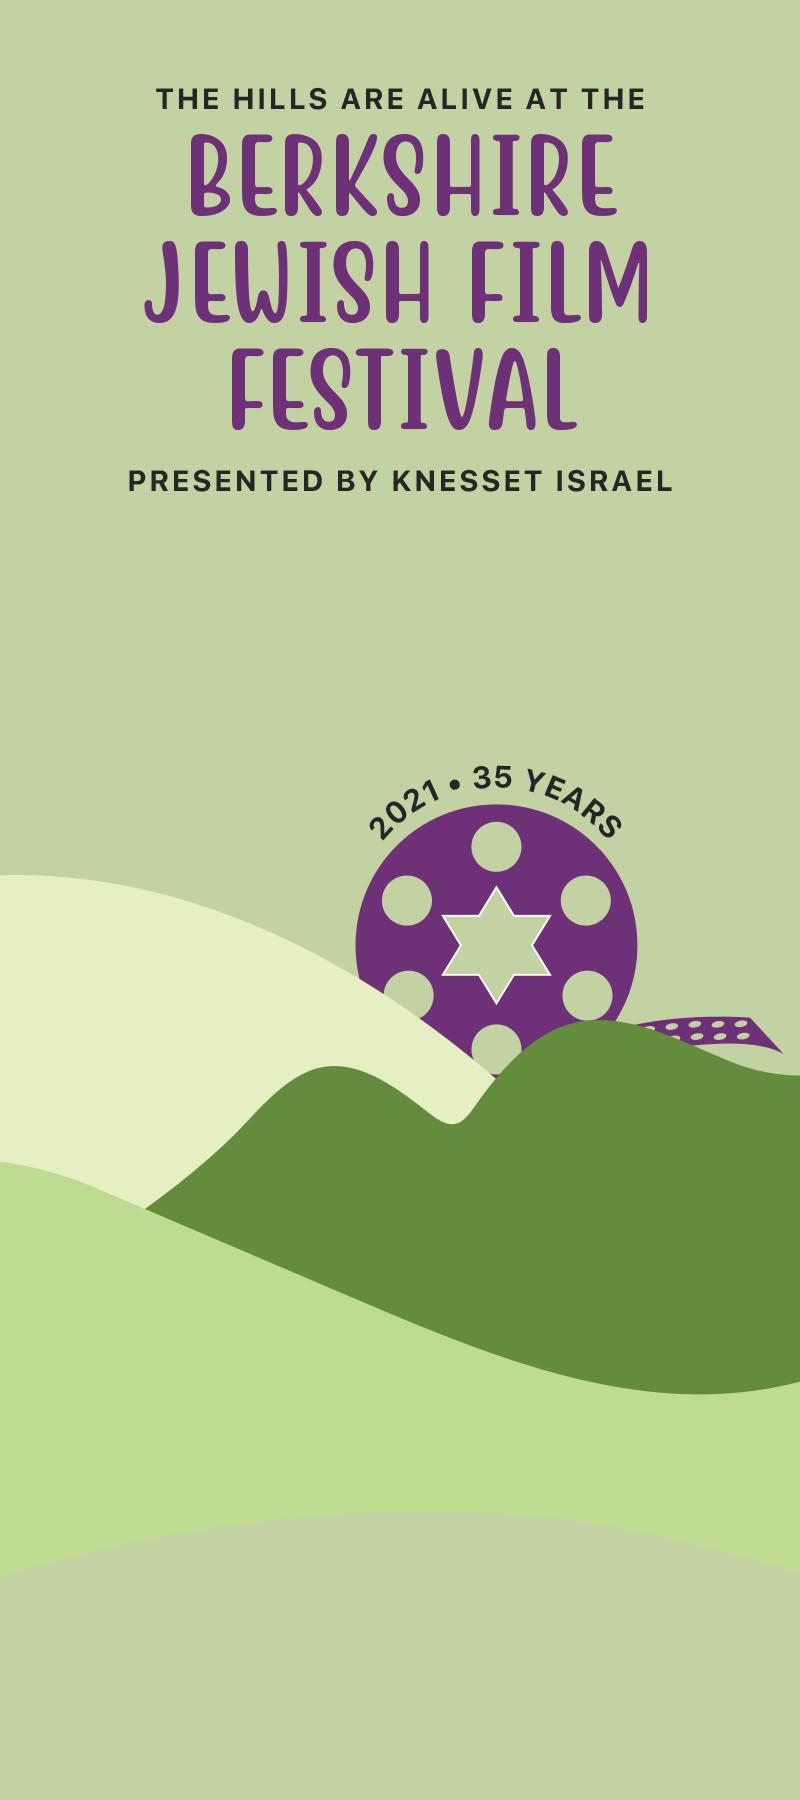 Berkshire Jewish Film Festival